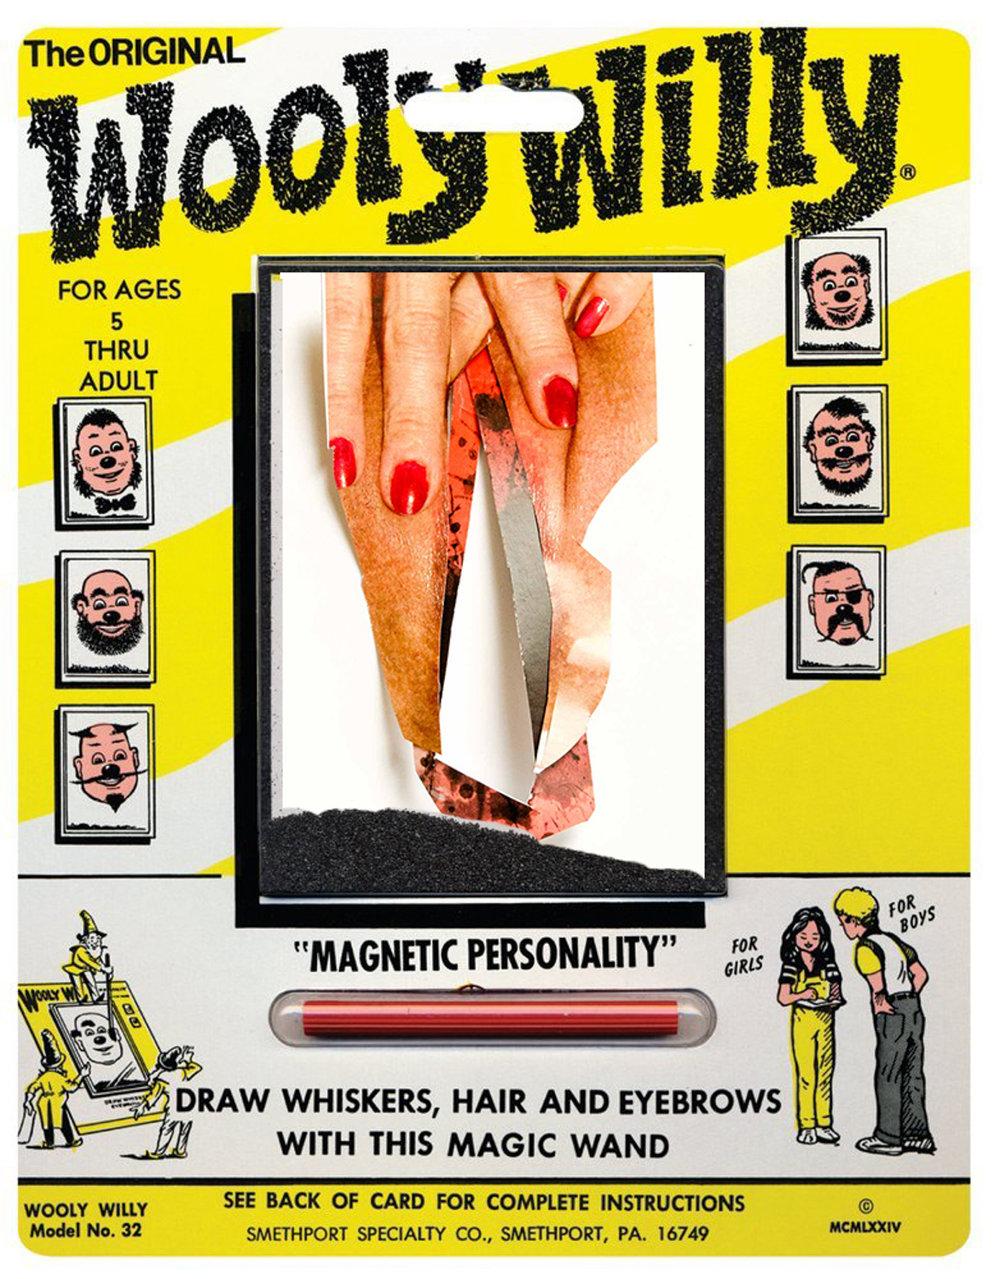 WillyWolly-HEYDT-1.jpg